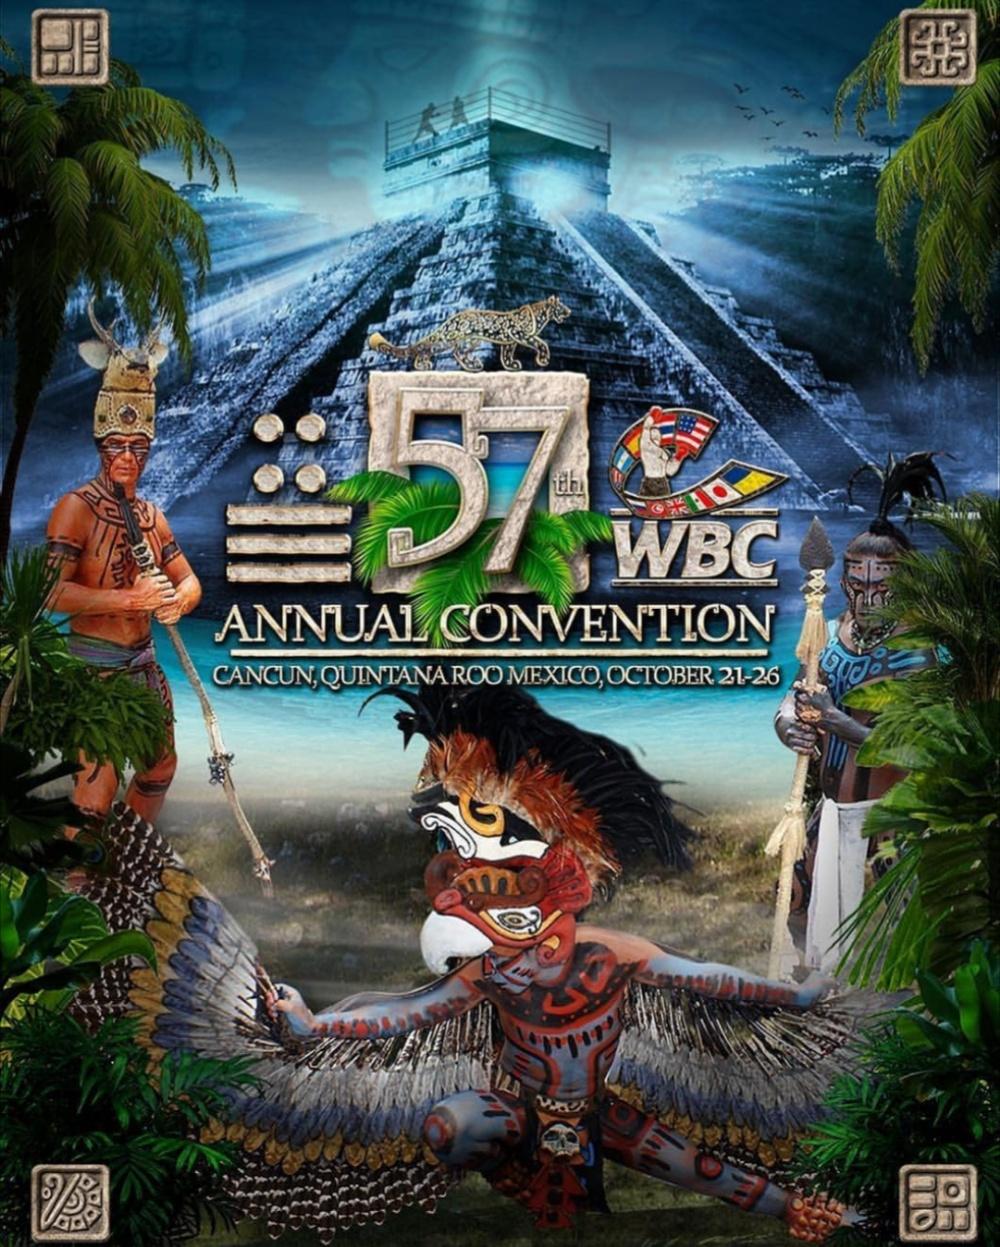 57 Annual WBC Convention